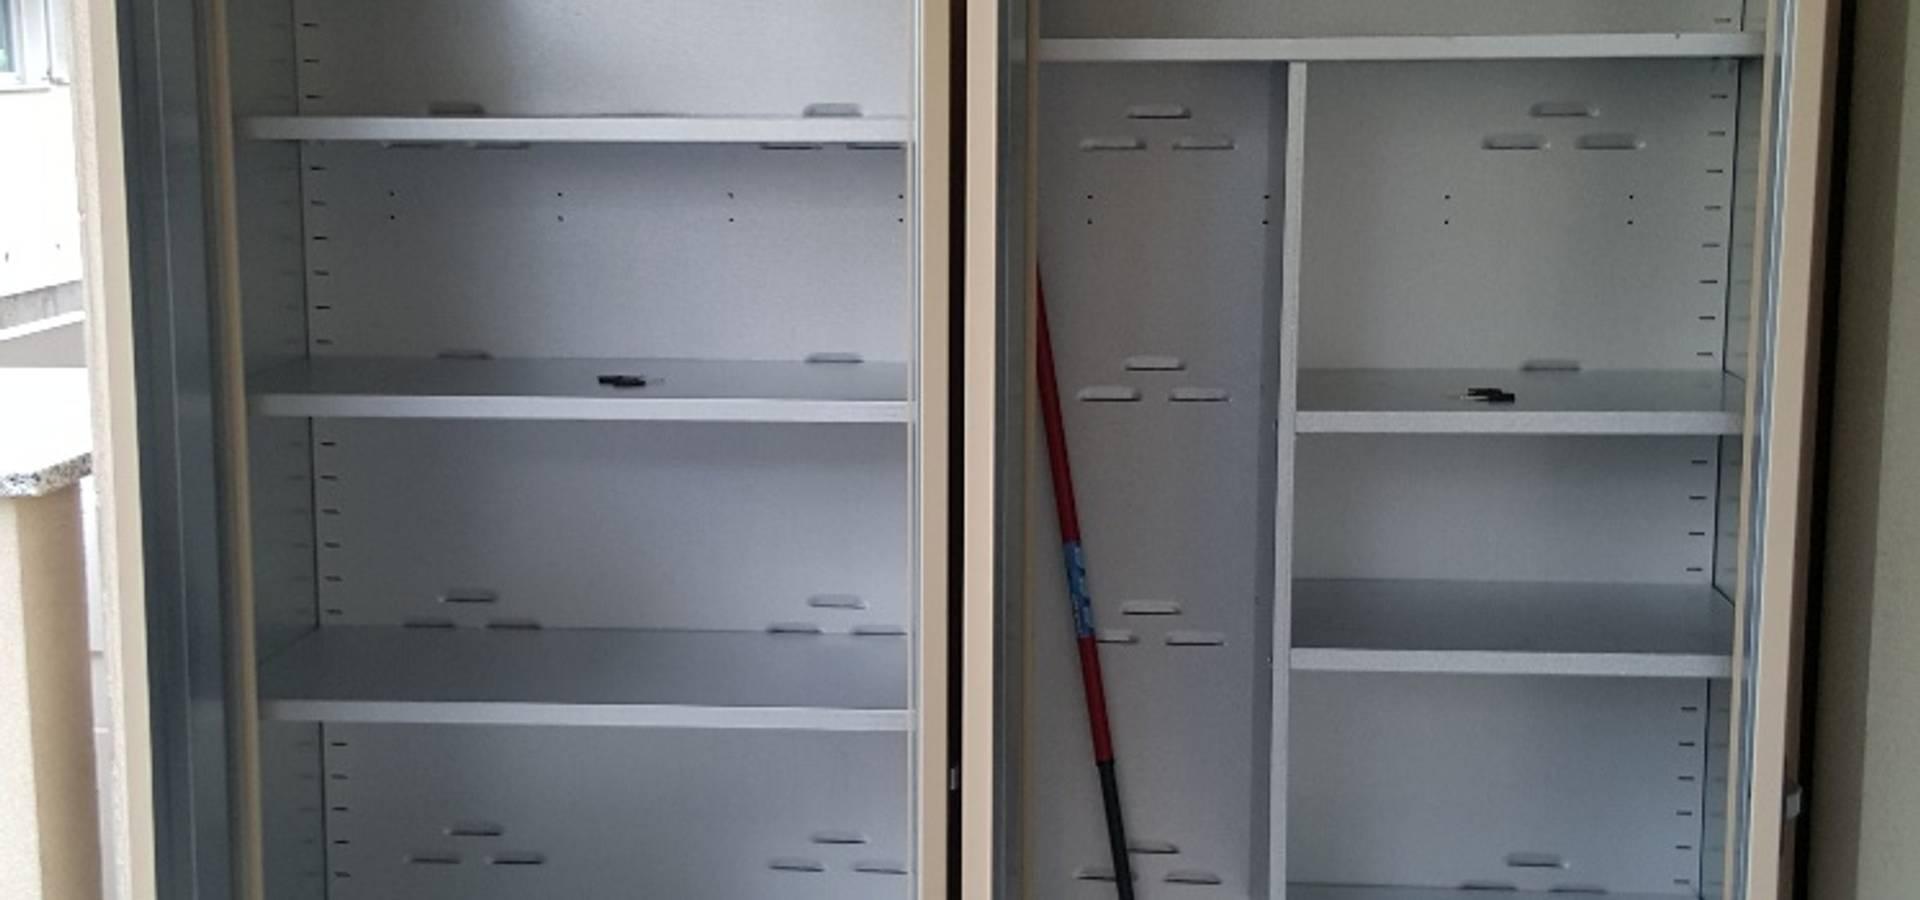 Arredamento esterno con armadi metallici su misura von Mondial new ...